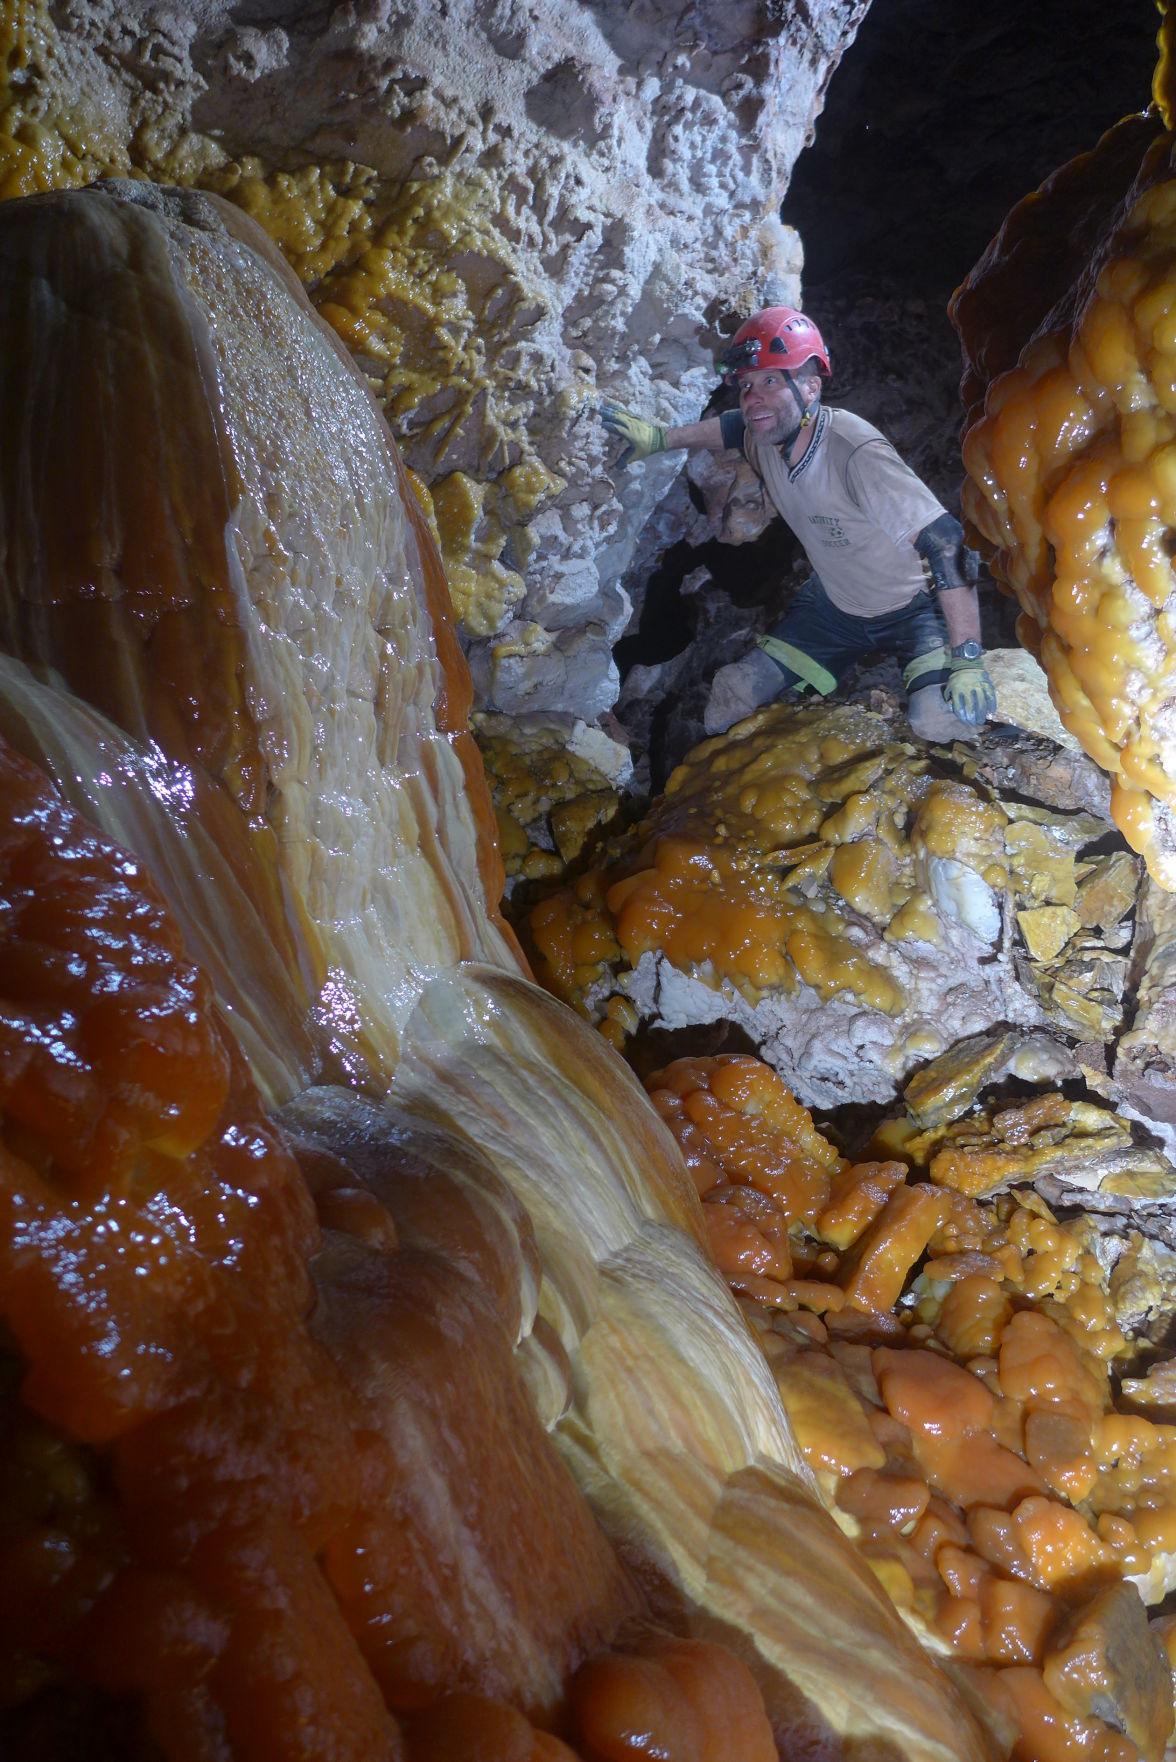 Jewel Cave stalagmite